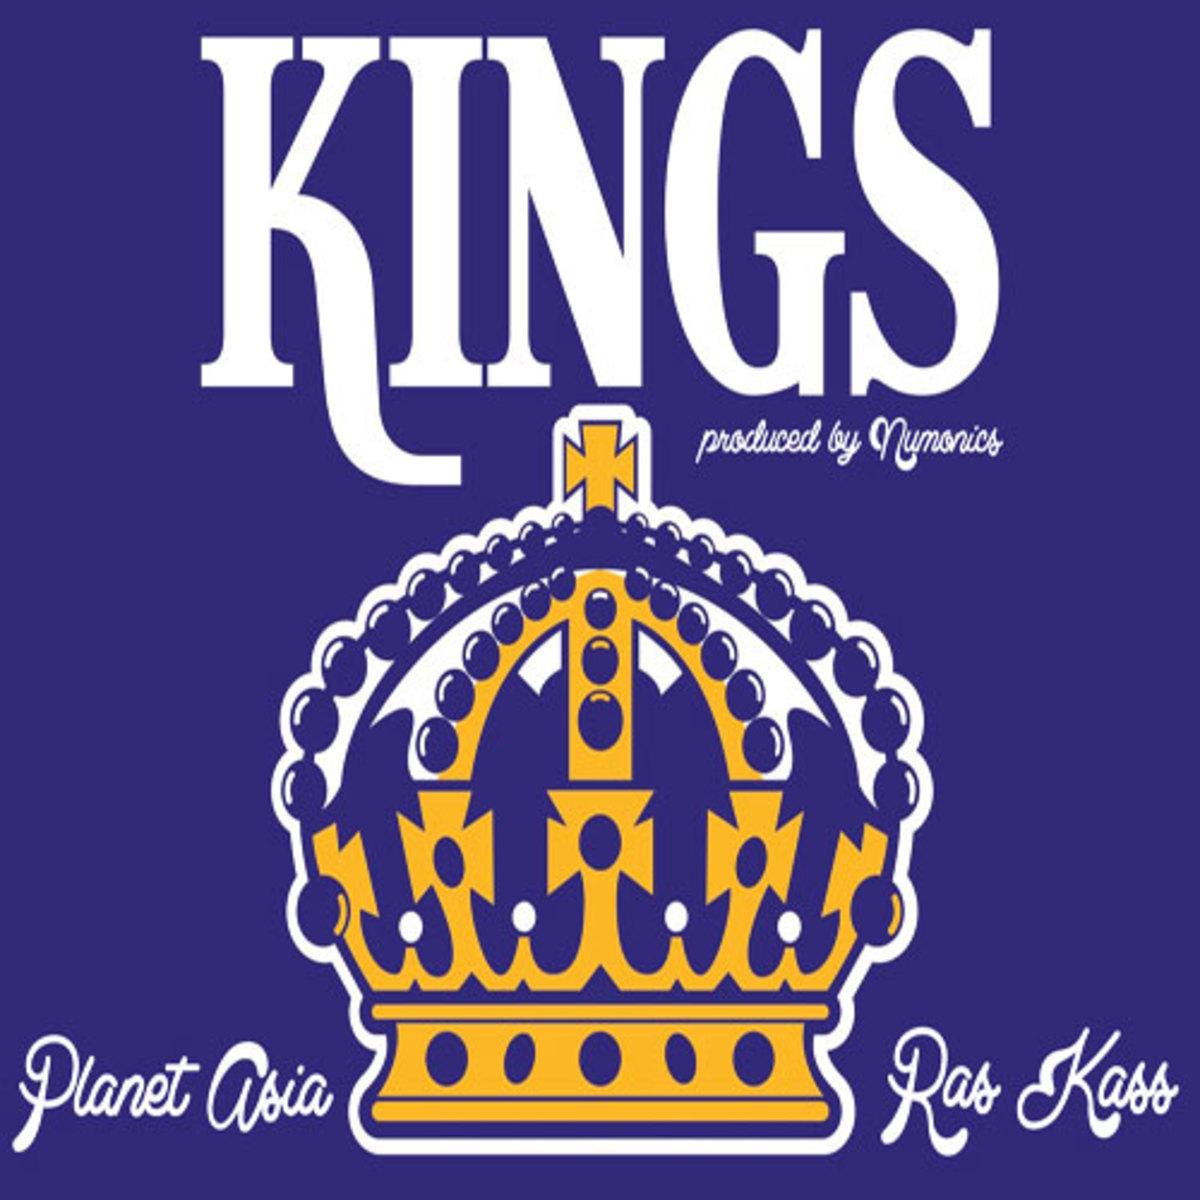 rasplanet-kings.jpg